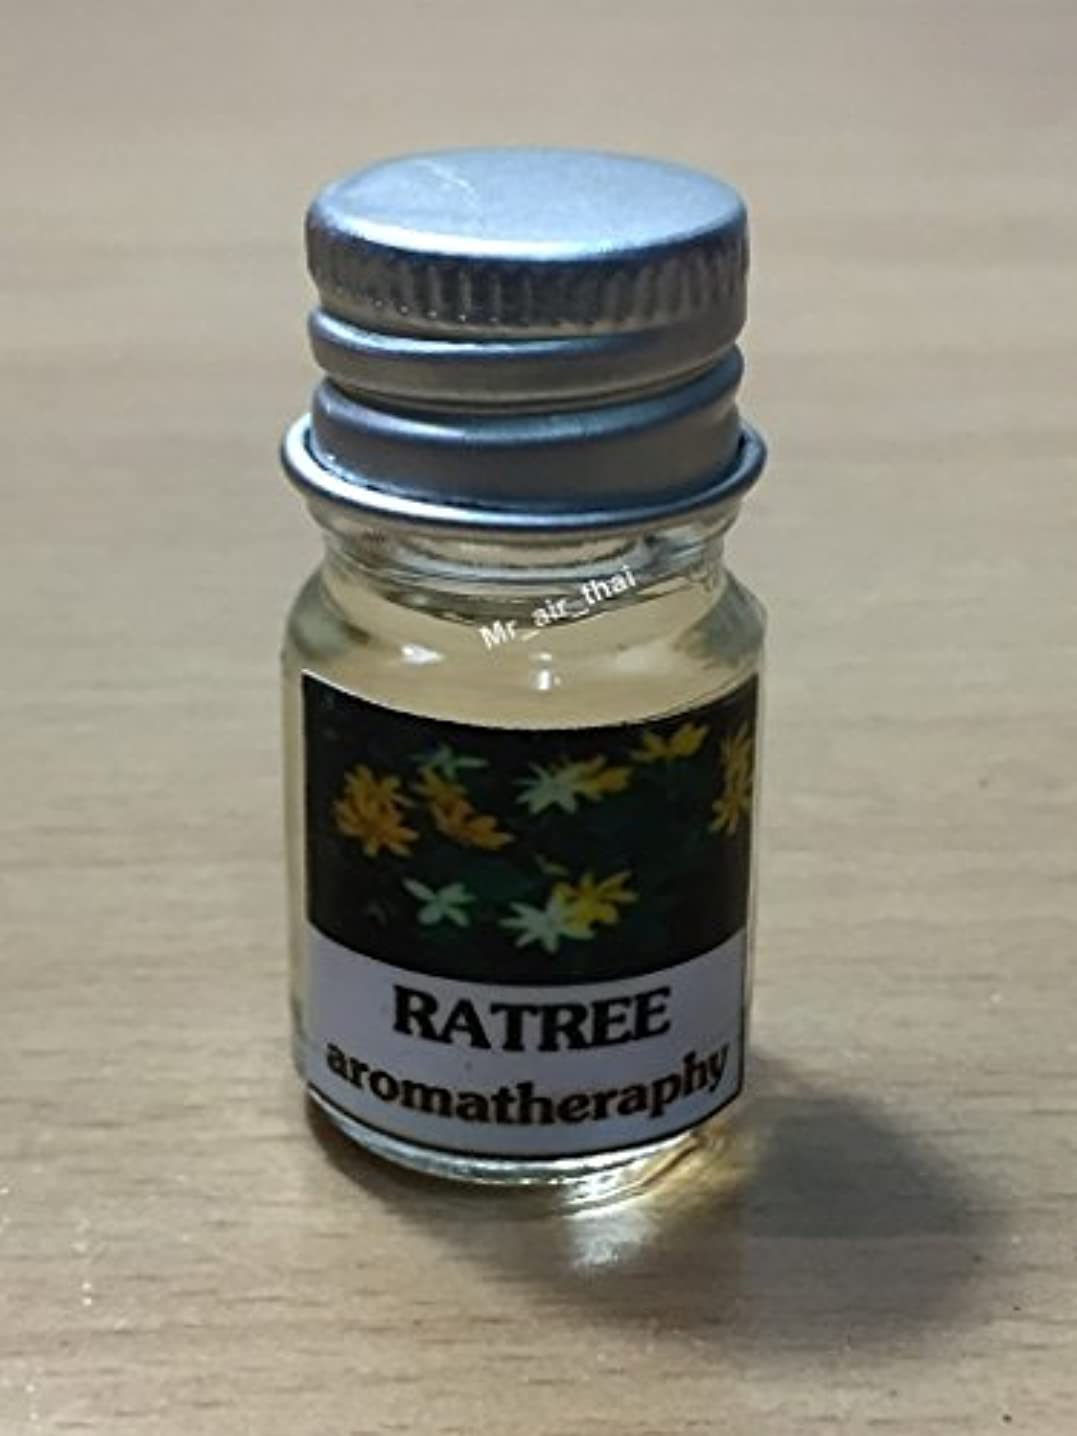 5ミリリットルアロマRatreeフランクインセンスエッセンシャルオイルボトルアロマテラピーオイル自然自然5ml Aroma Ratree Frankincense Essential Oil Bottles Aromatherapy...